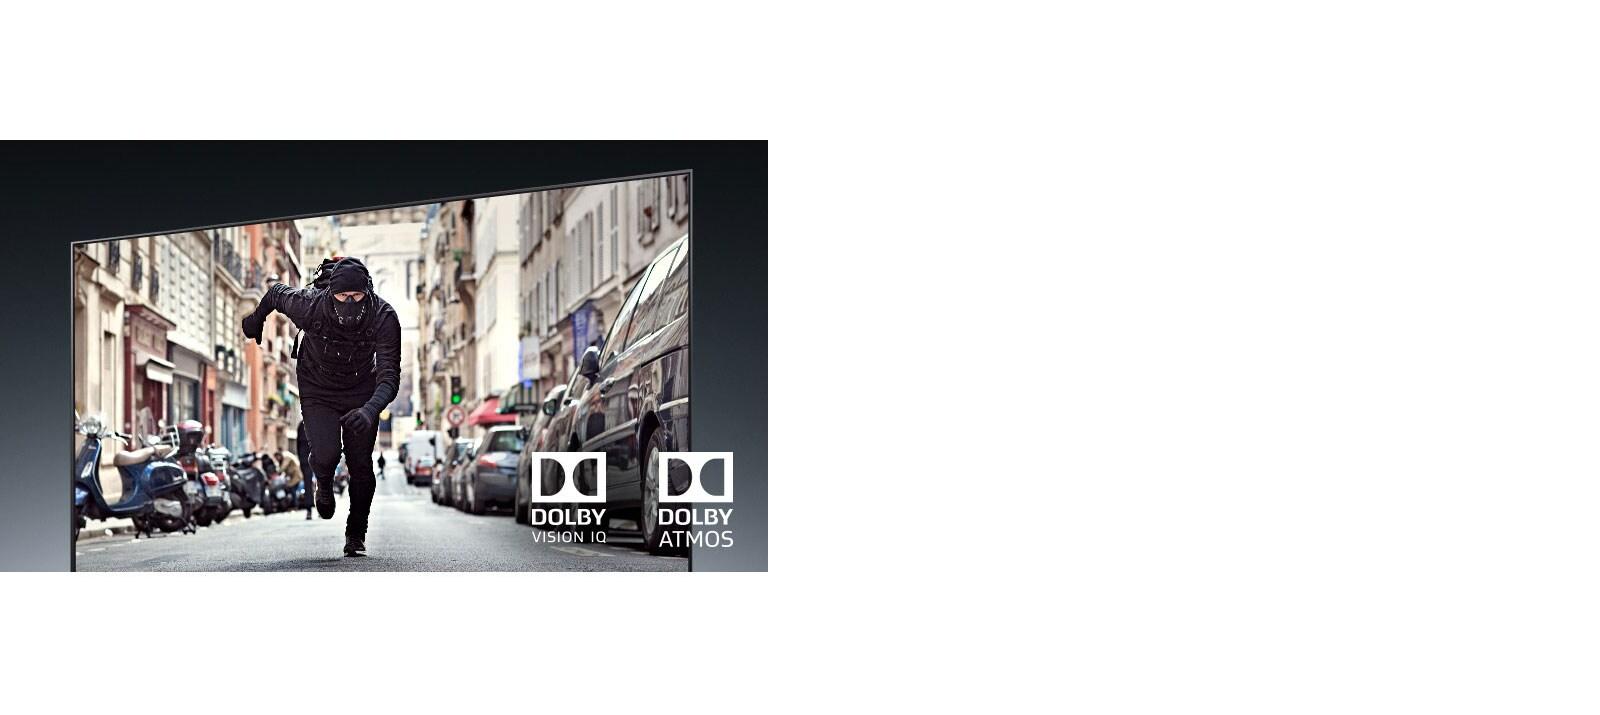 Màn hình TV hiển thị một tên trộm đang chạy trong một bộ phim hành động